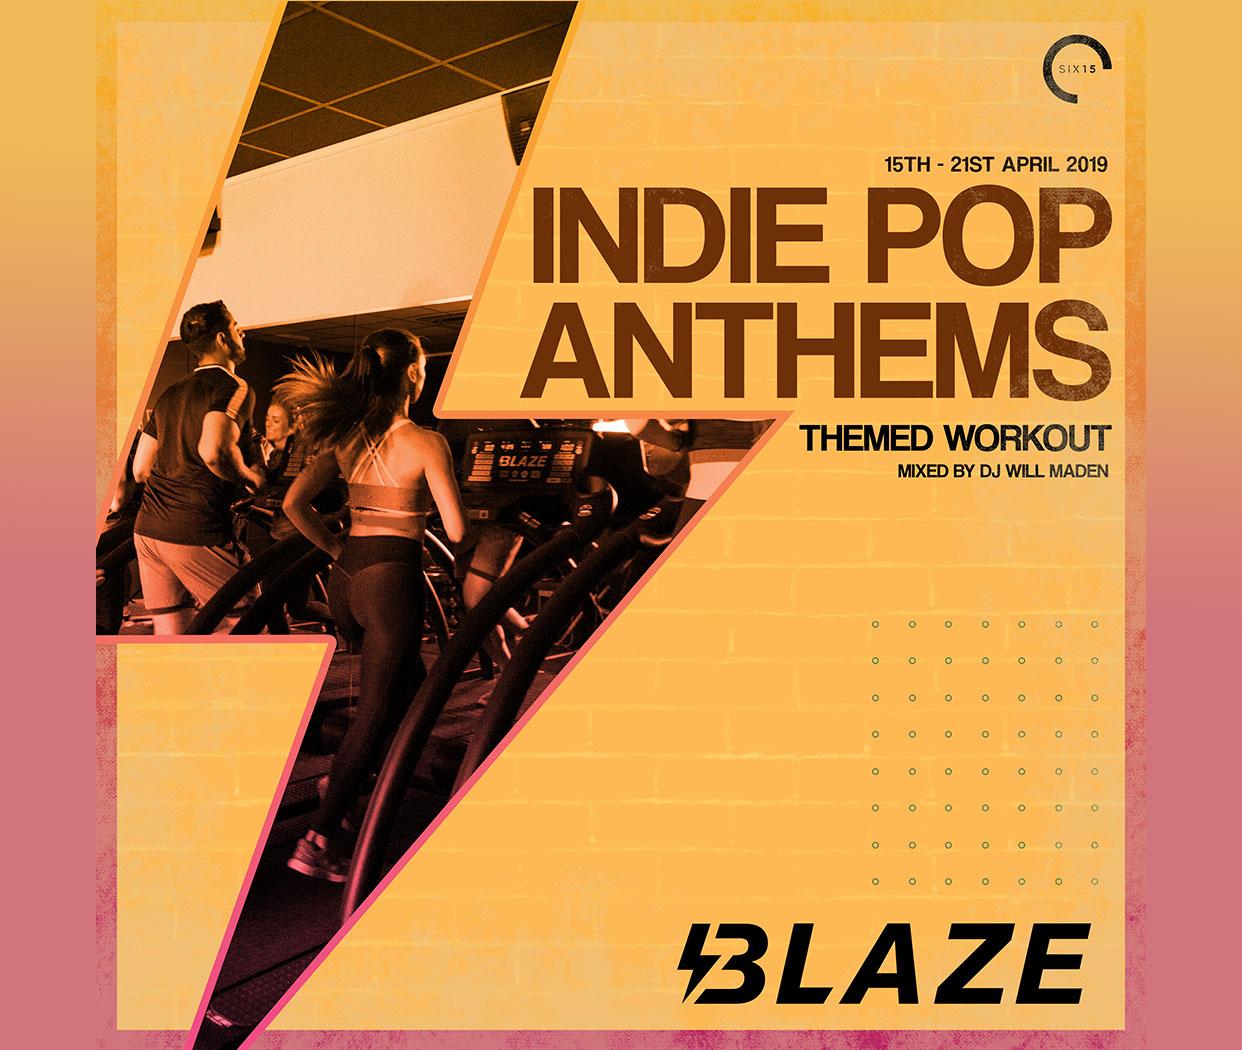 Blaze - Indie Pop Anthems!